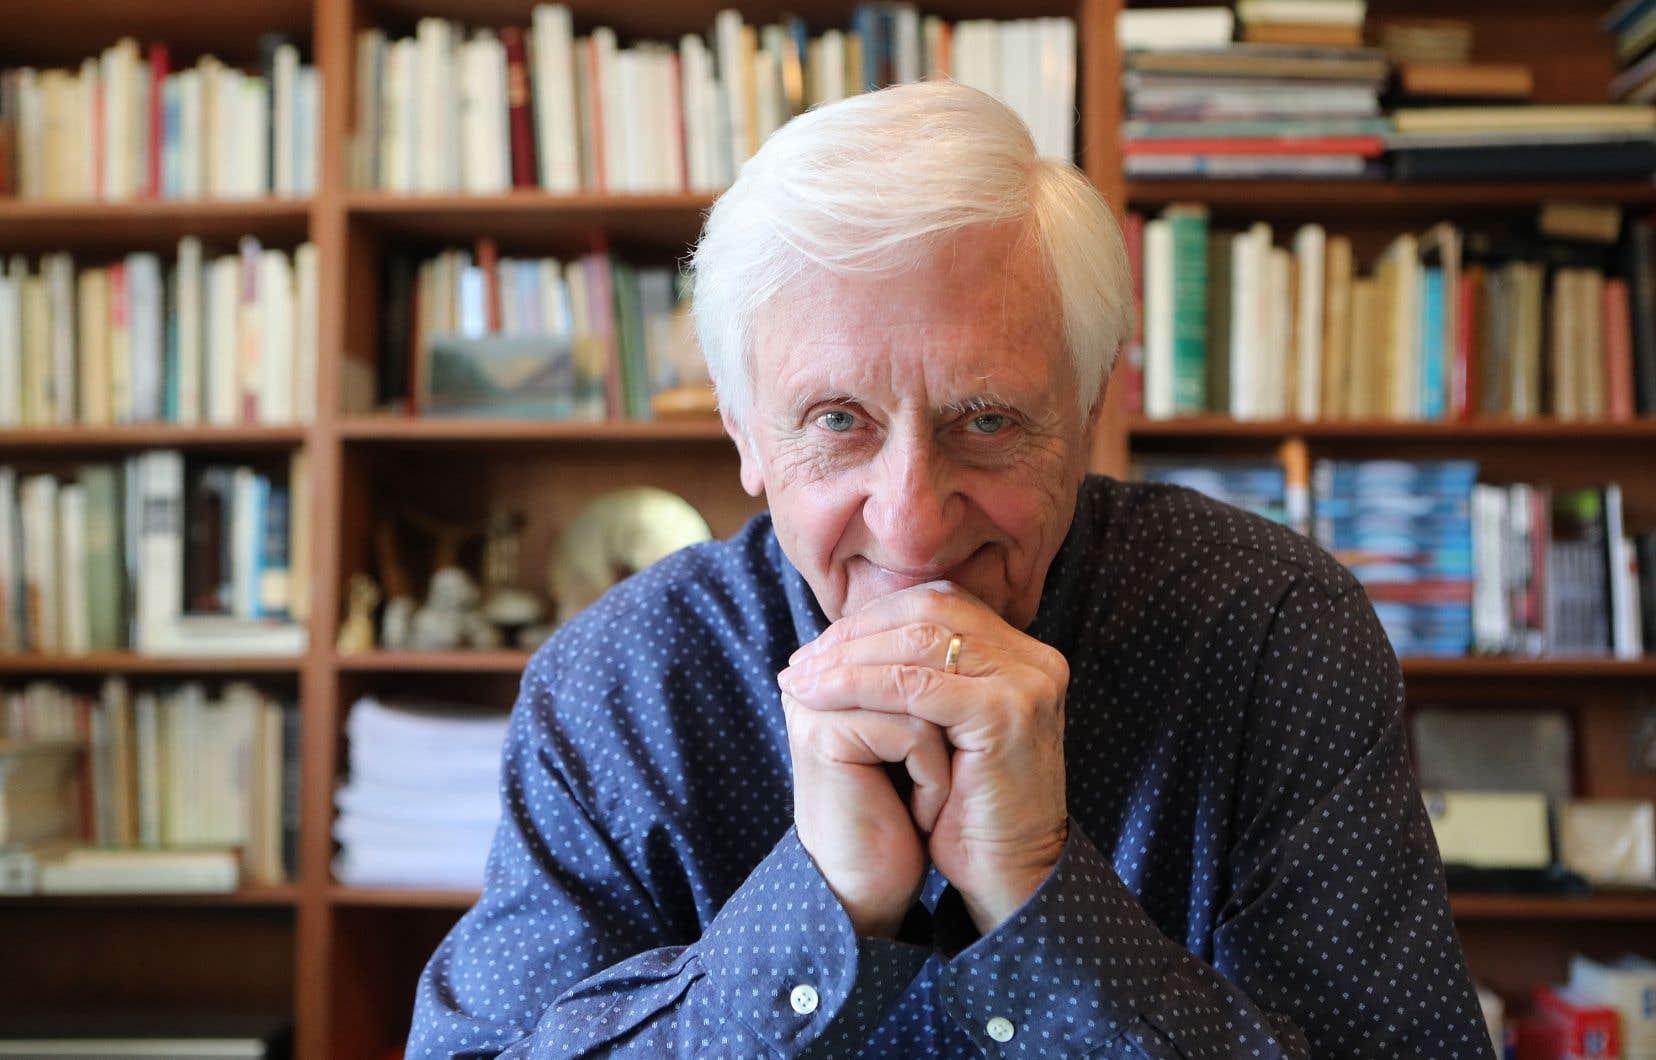 Aujourd'hui âgé de 85ans, l'écrivain et cinéaste reste un intellectuel à l'esprit vif qui jette un regard aiguisé sur le monde où il a vécu.